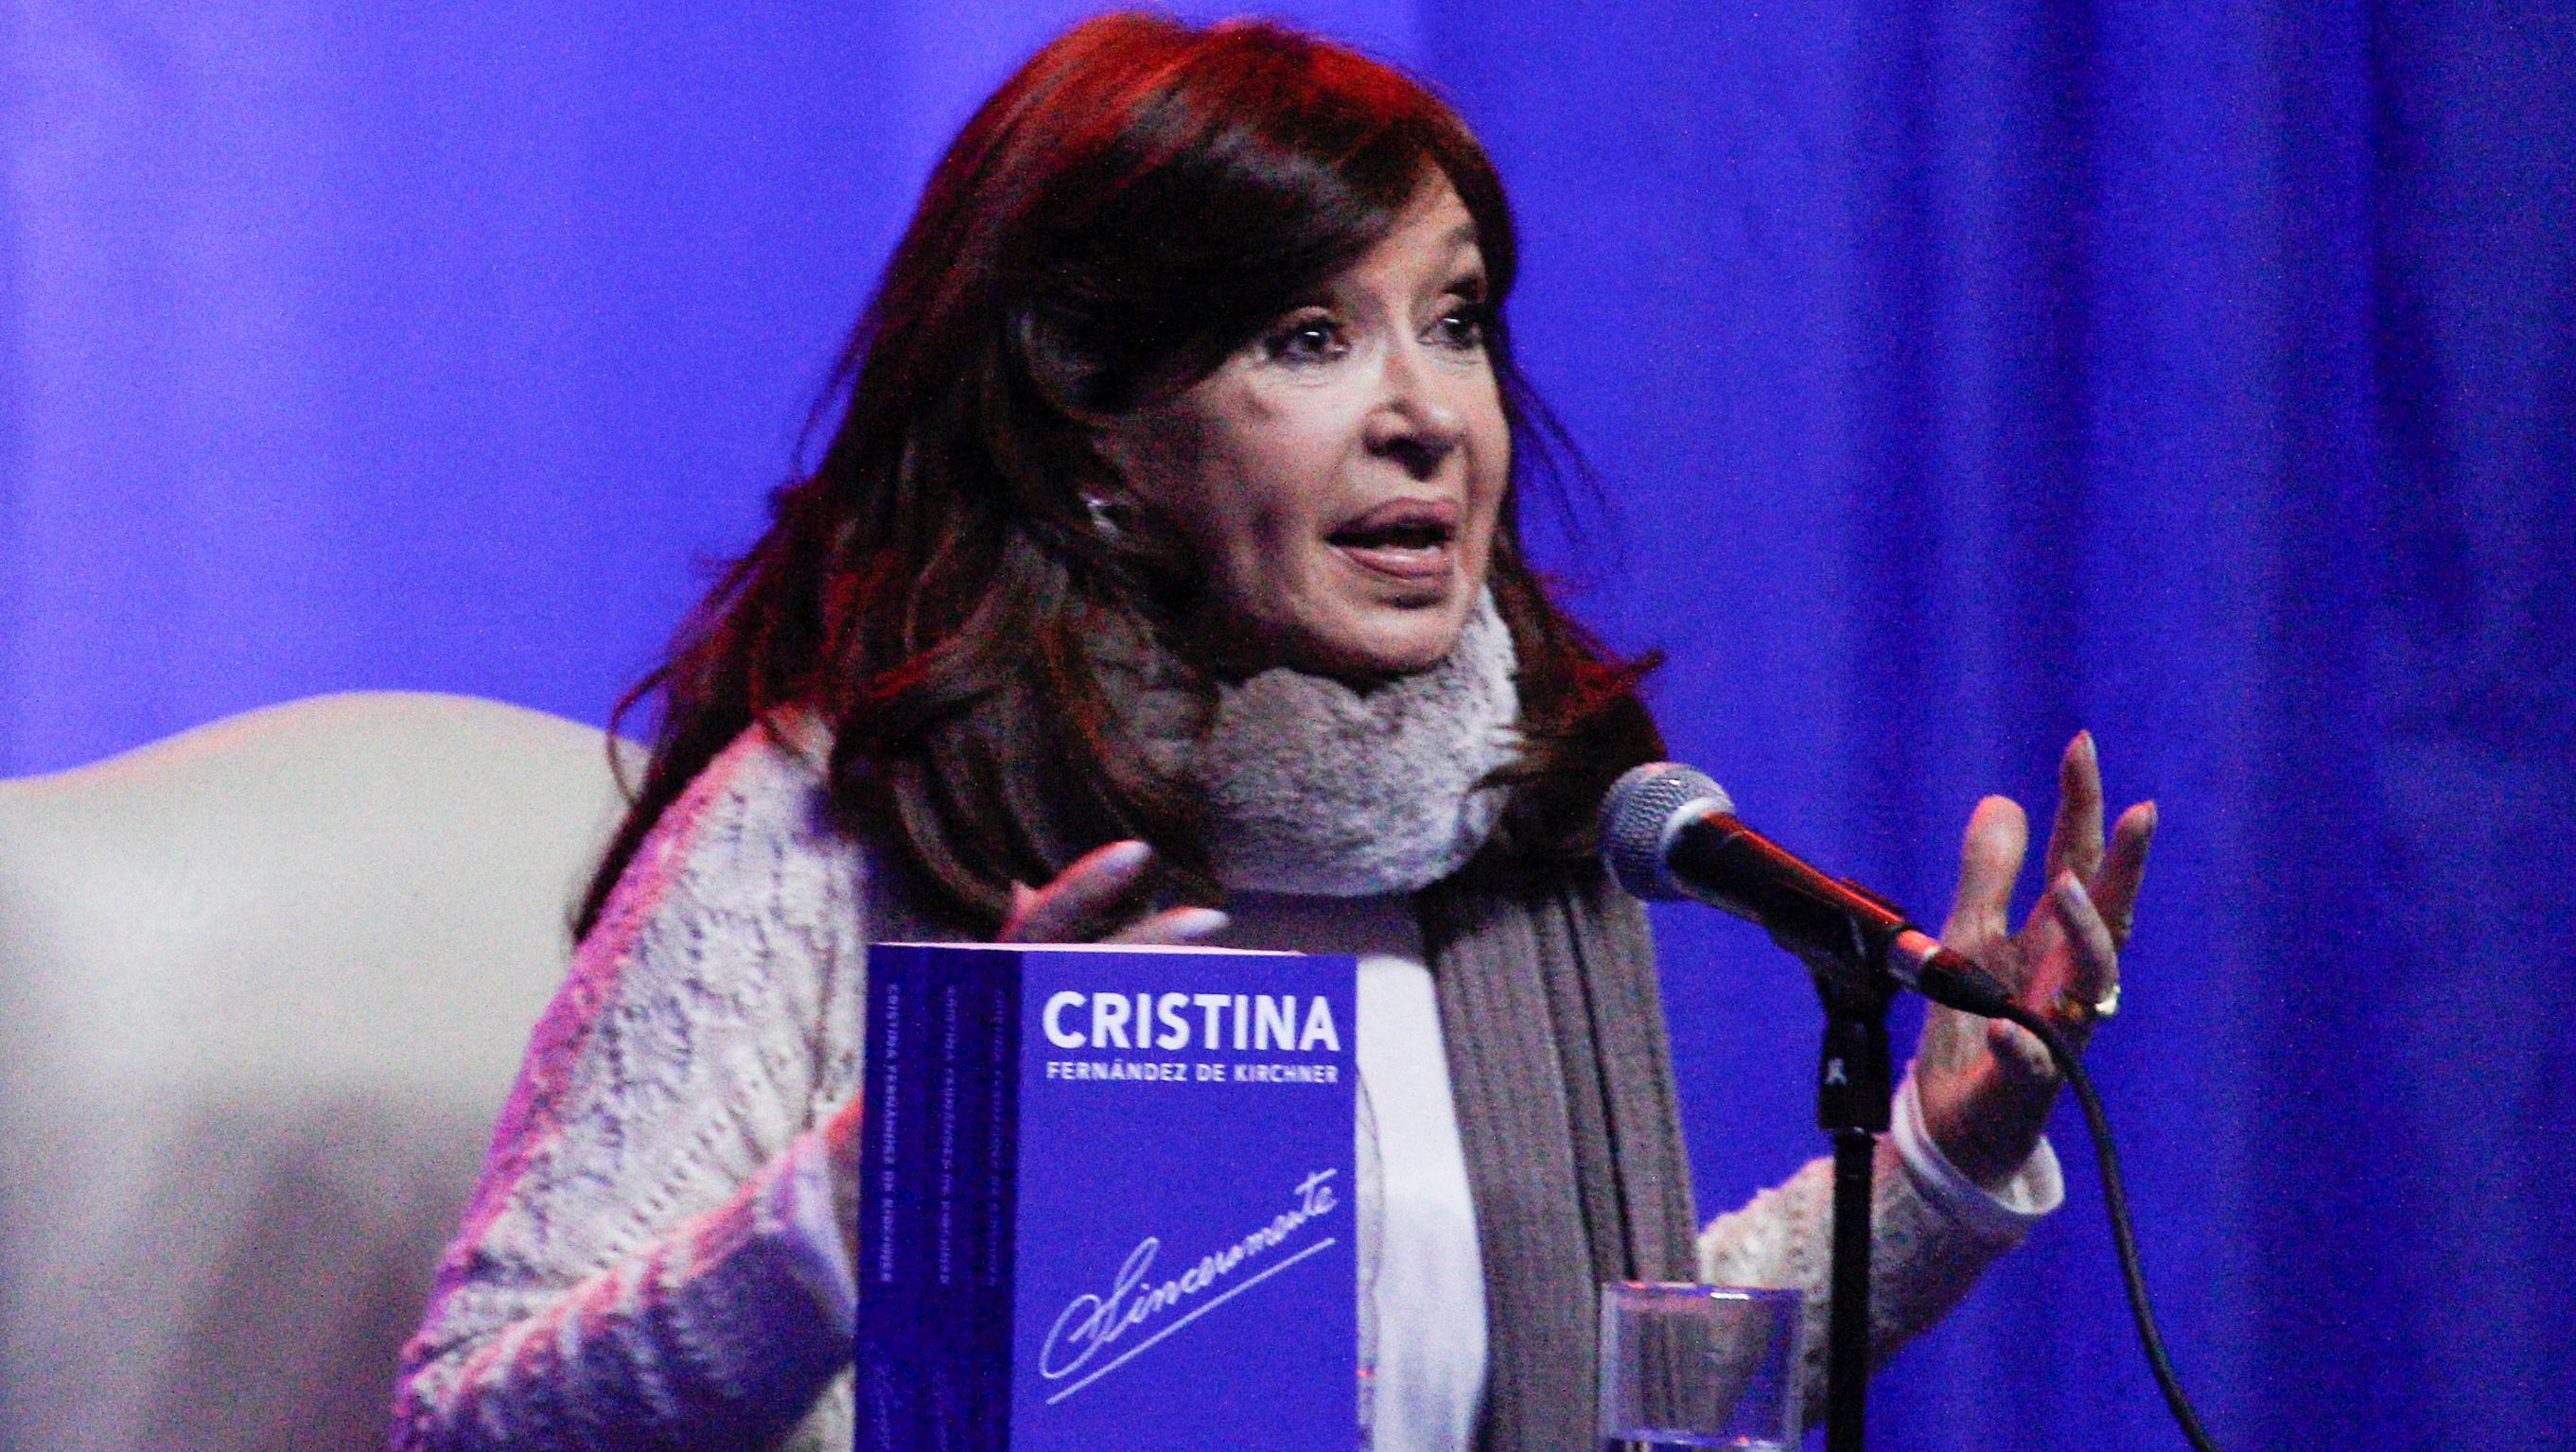 Cristina Fernández denunció  campaña sucia y violenta del gobierno de Macri